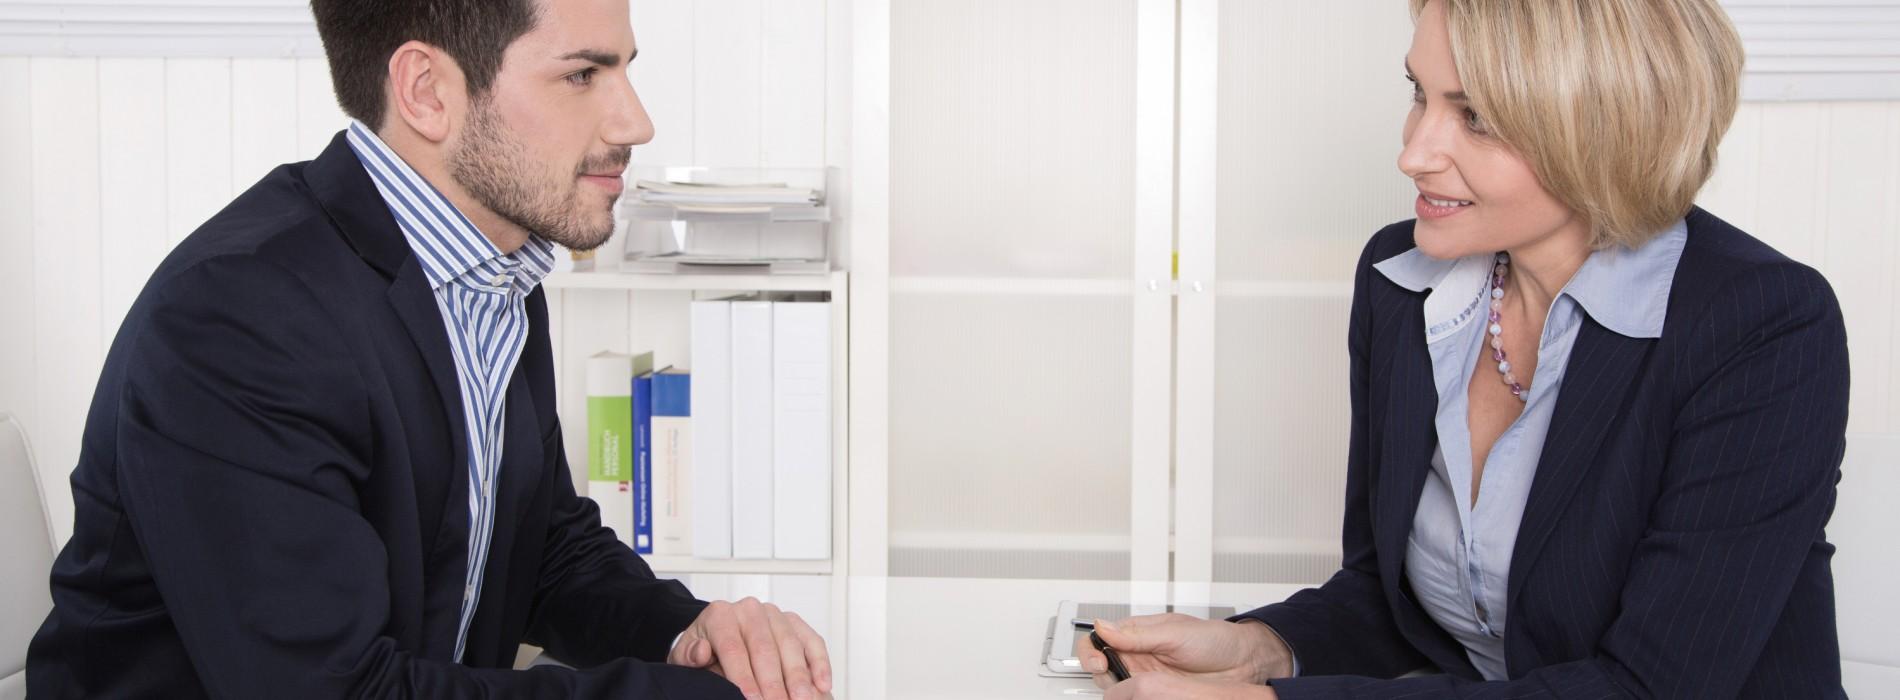 Rozmowa kwalifikacyjna – jak ją poprowadzić?